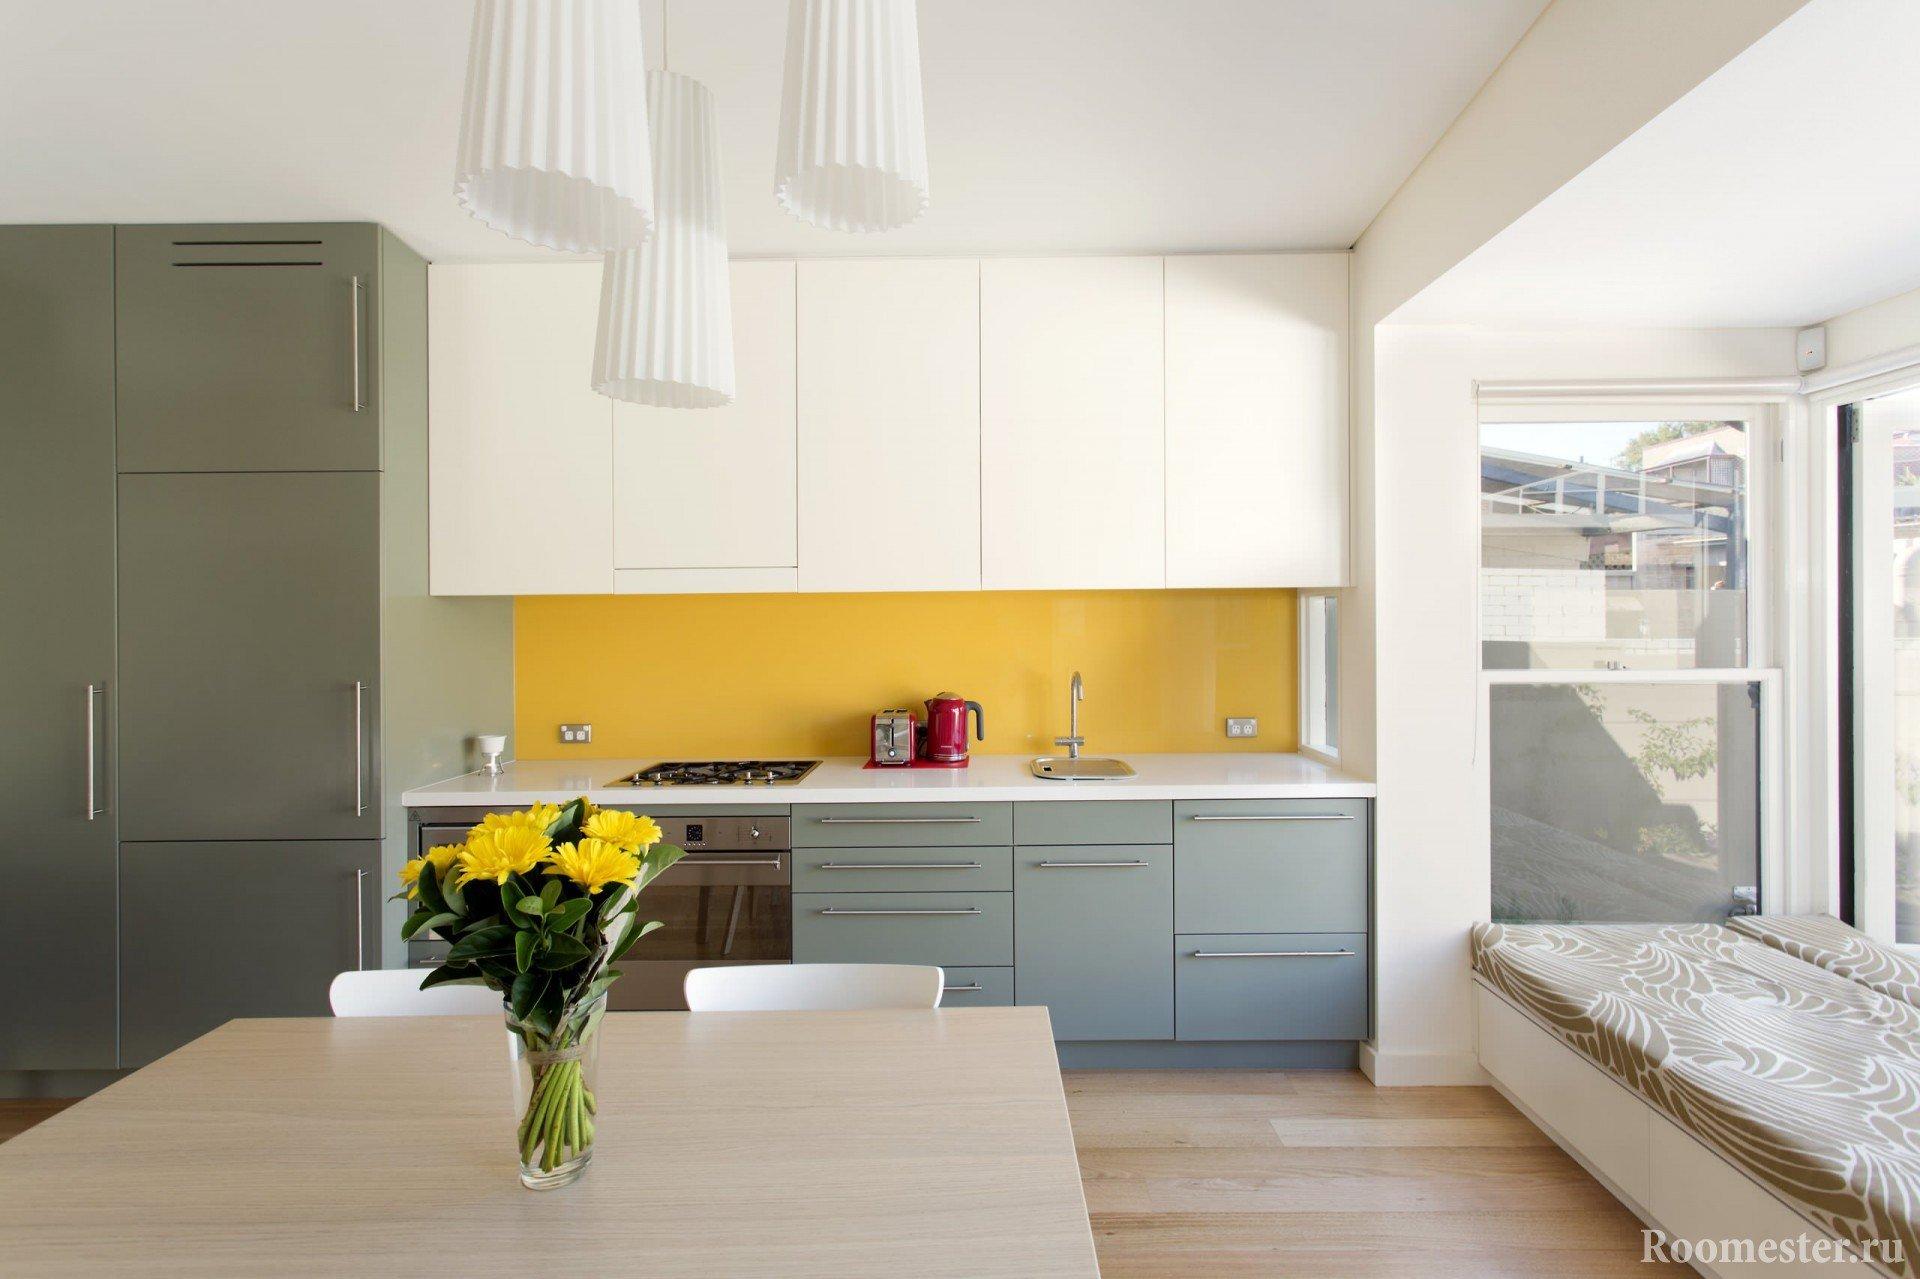 Желтый фартук в бело-серой кухне